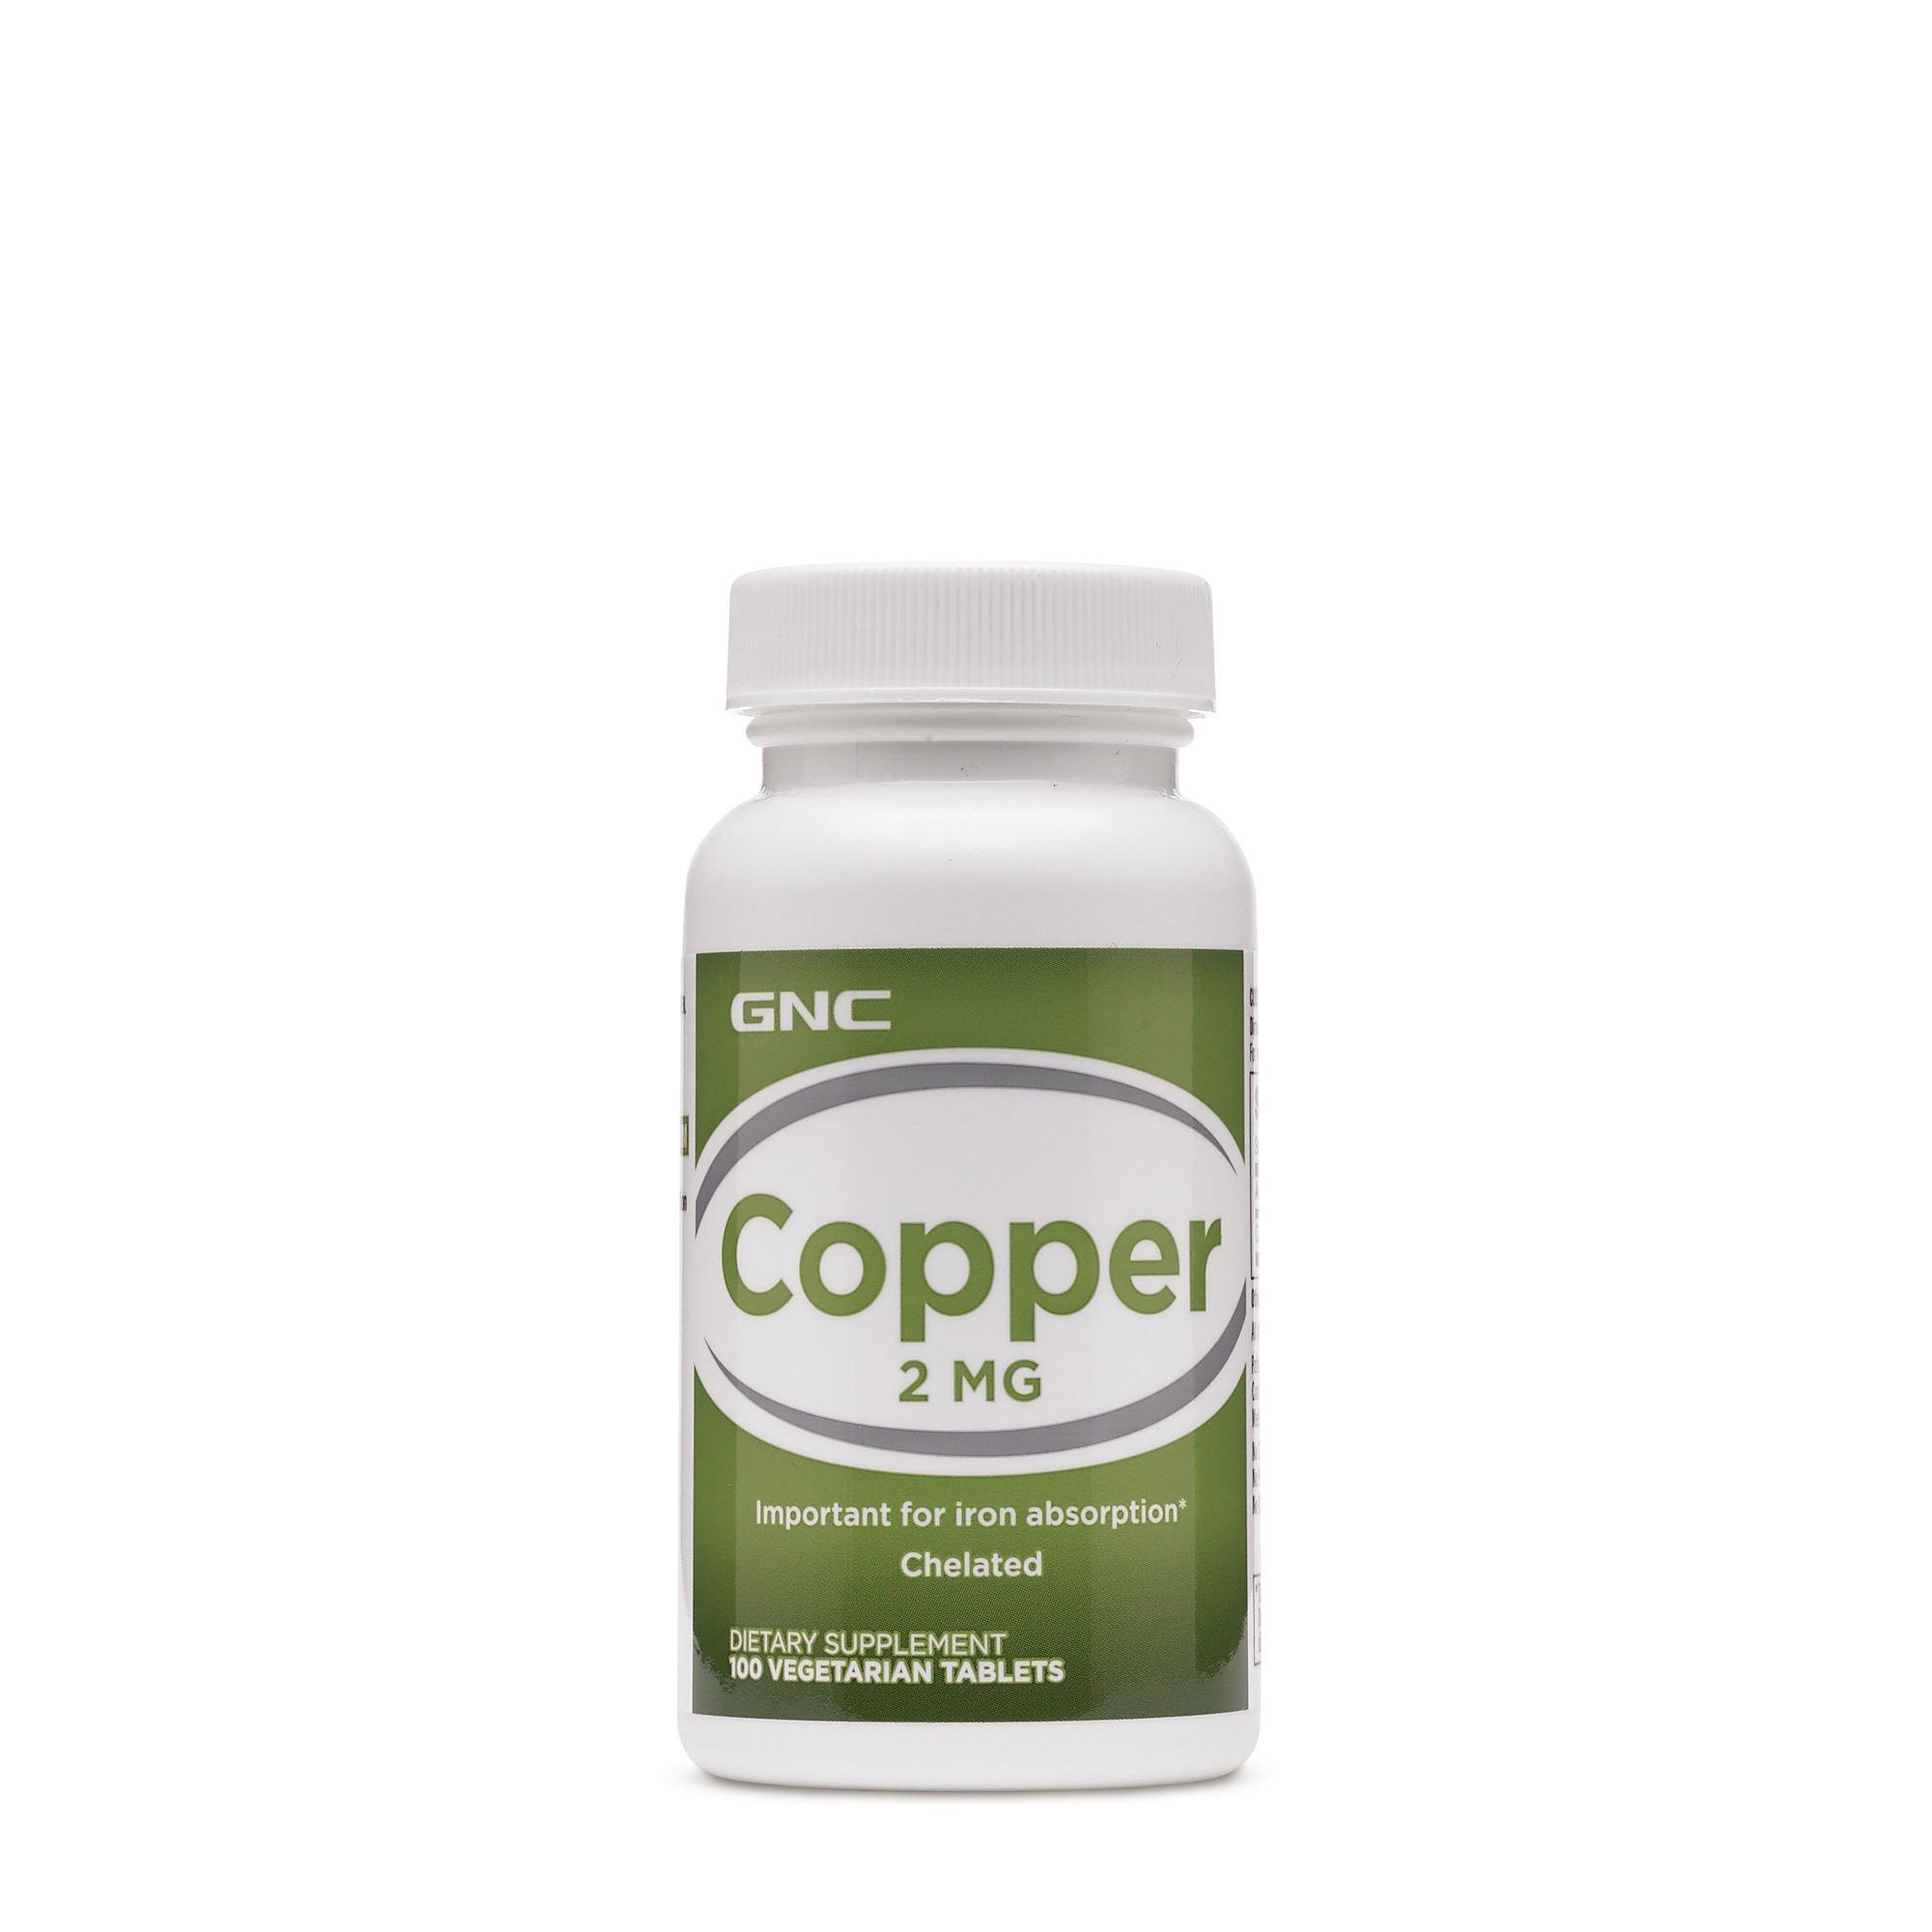 GNC Copper 2 MG 100 Vegetarian Tablets